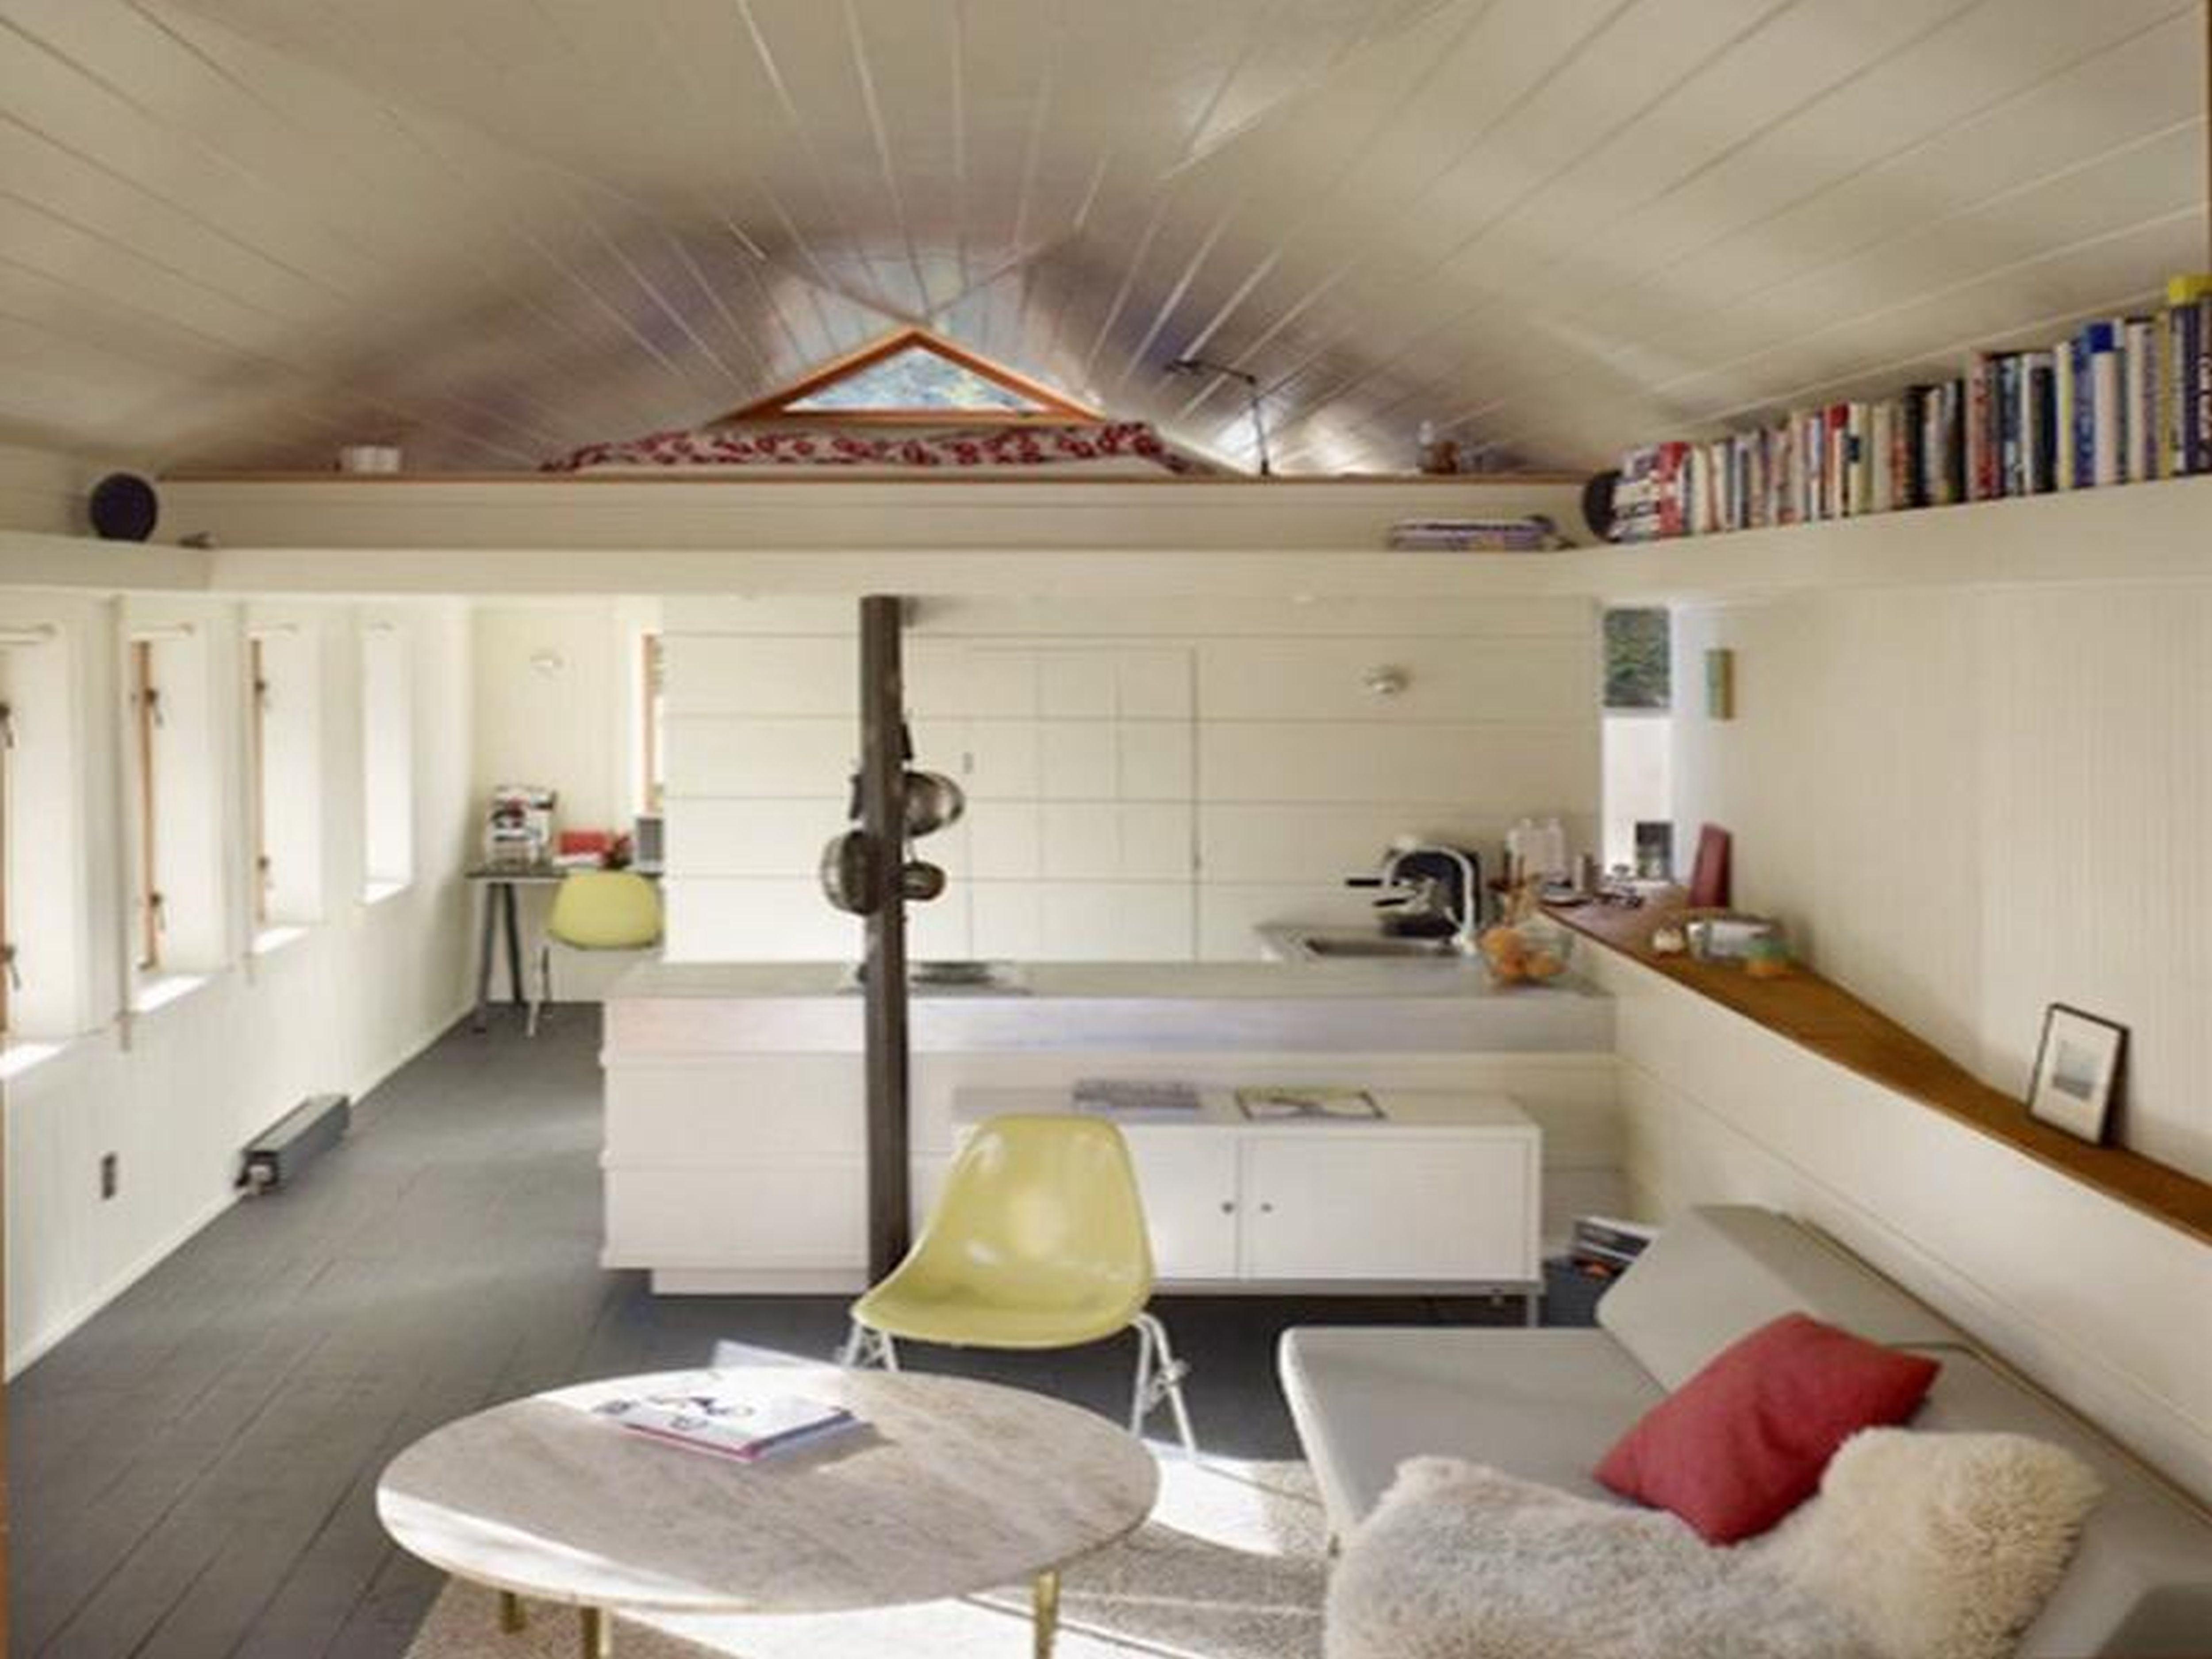 Vintage innenarchitektur liebenswert keller ins schlafzimmer ideen  mehr auf unserer website